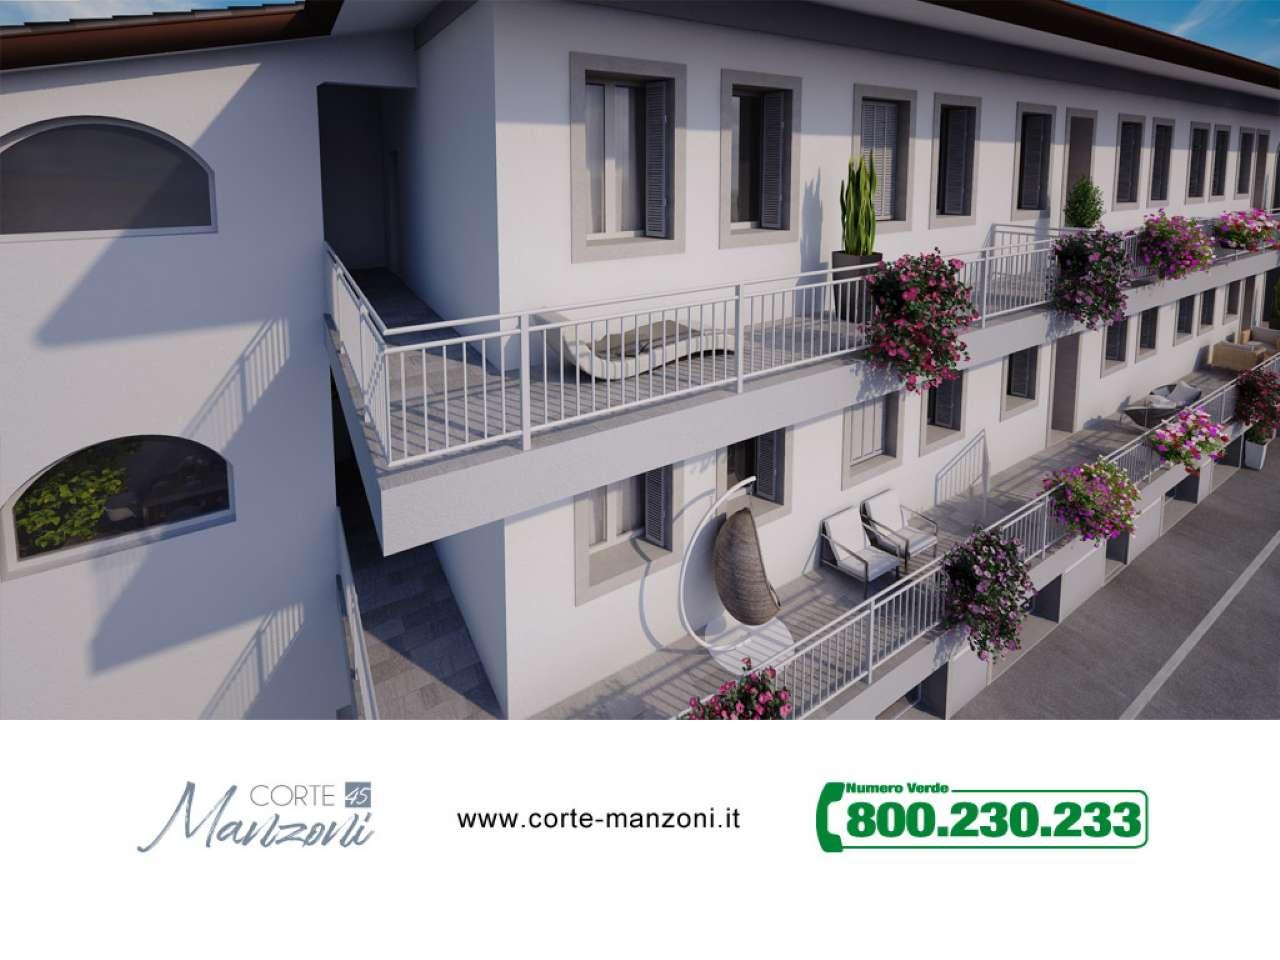 Nuovo appartamento di tre locali in Corte Manzoni, foto 4